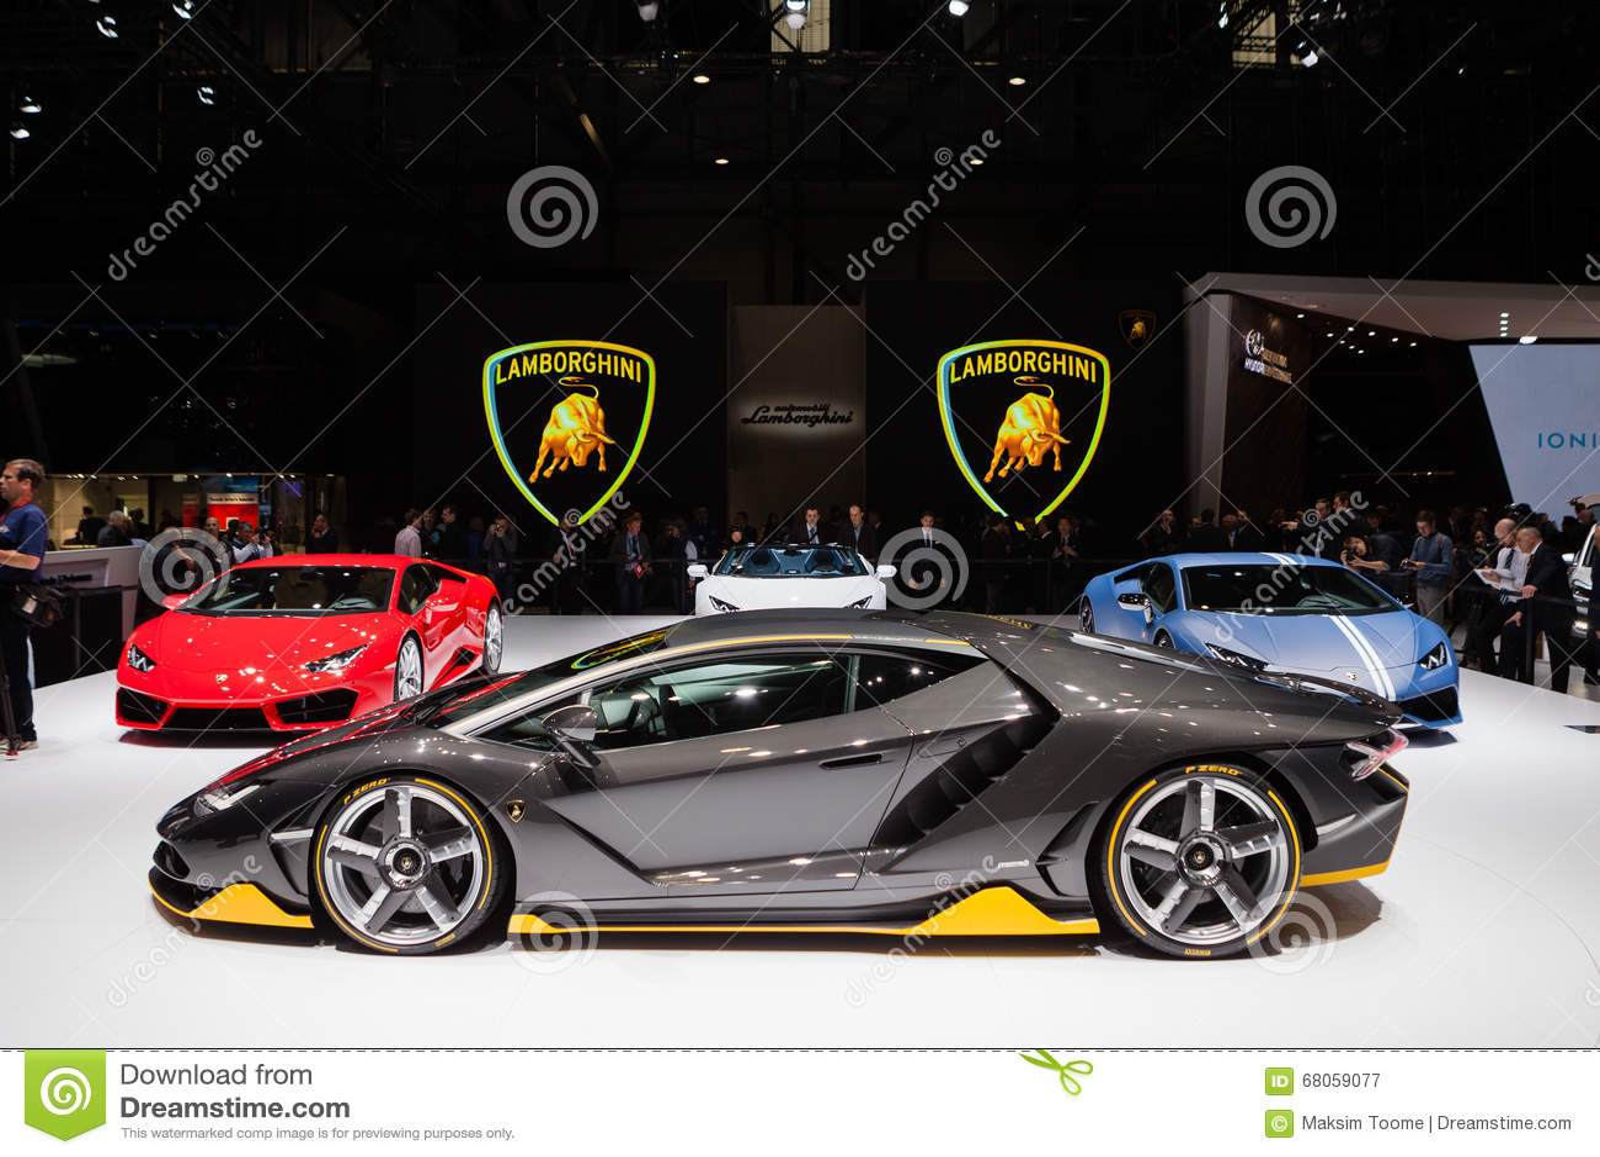 Lamborghini Centenario In Geneva Editorial Photography Image Of